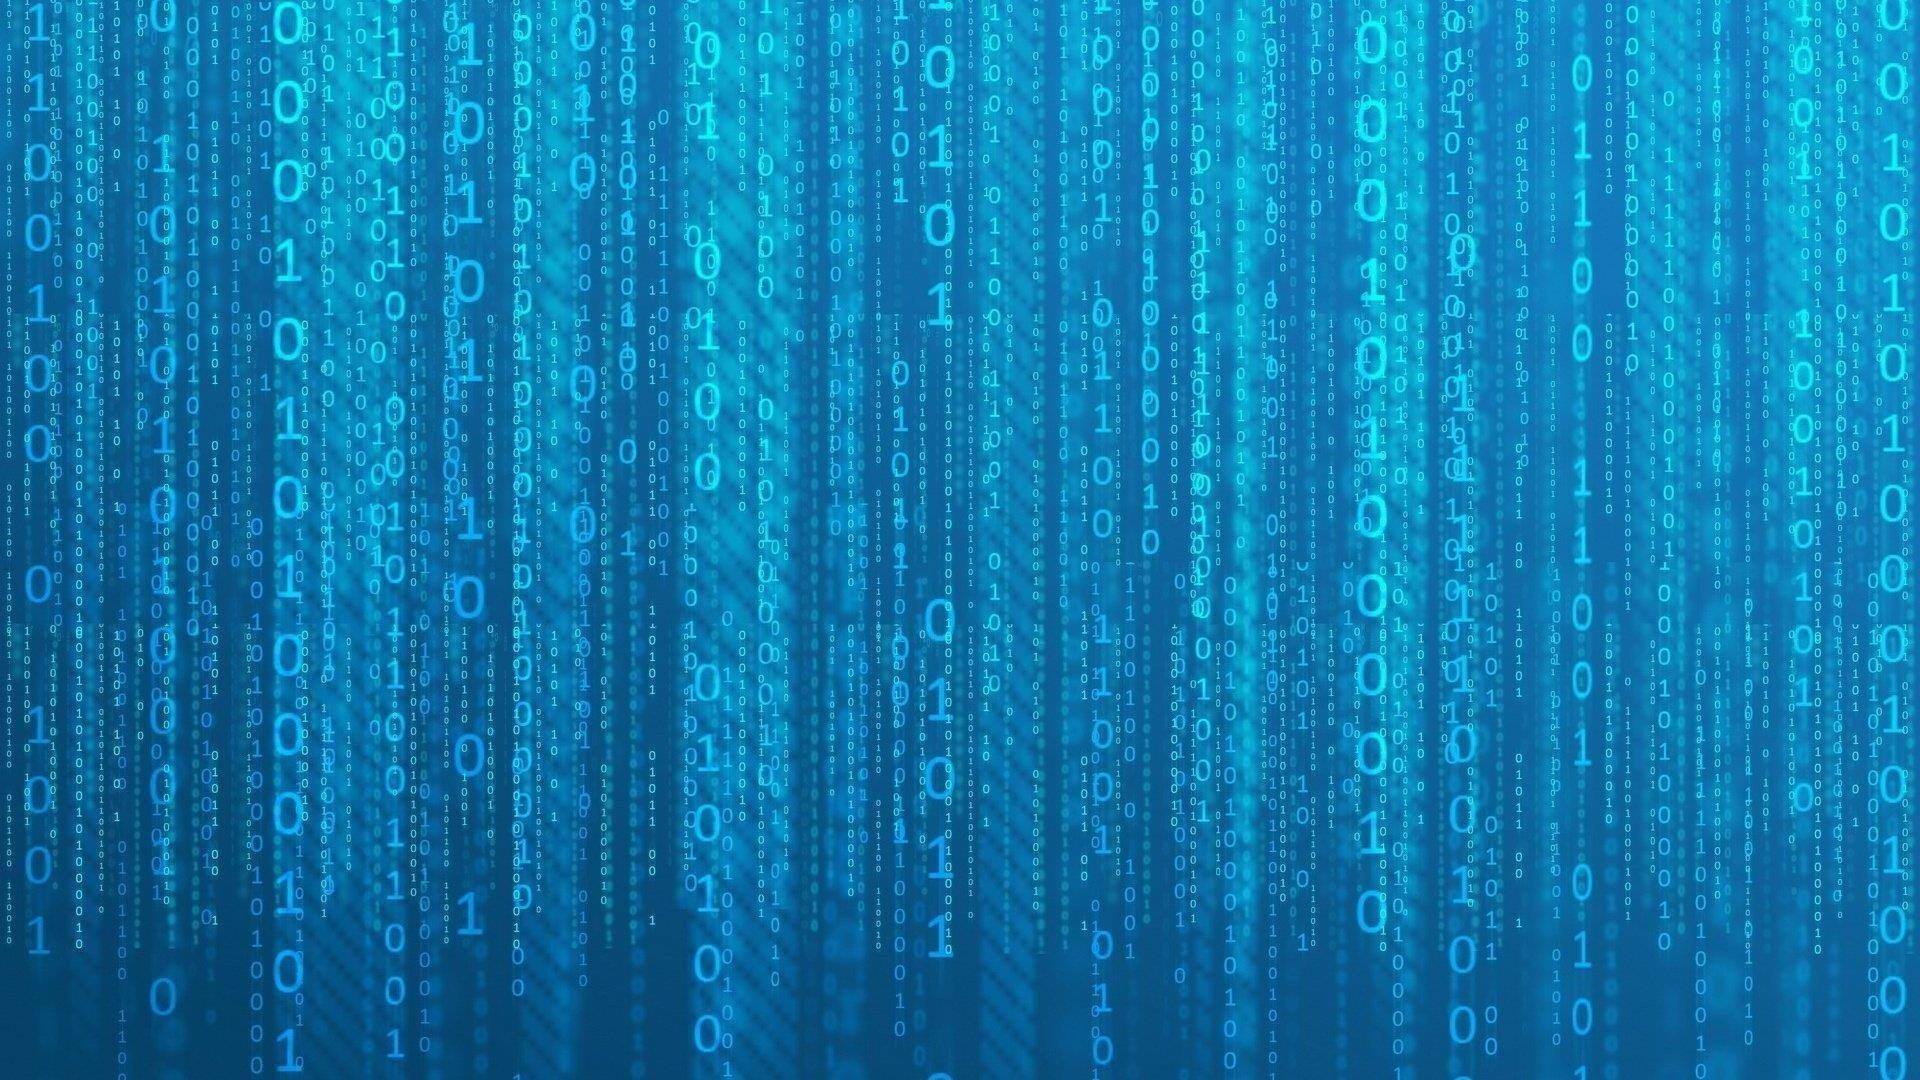 Matrix Wallpaper Full HD